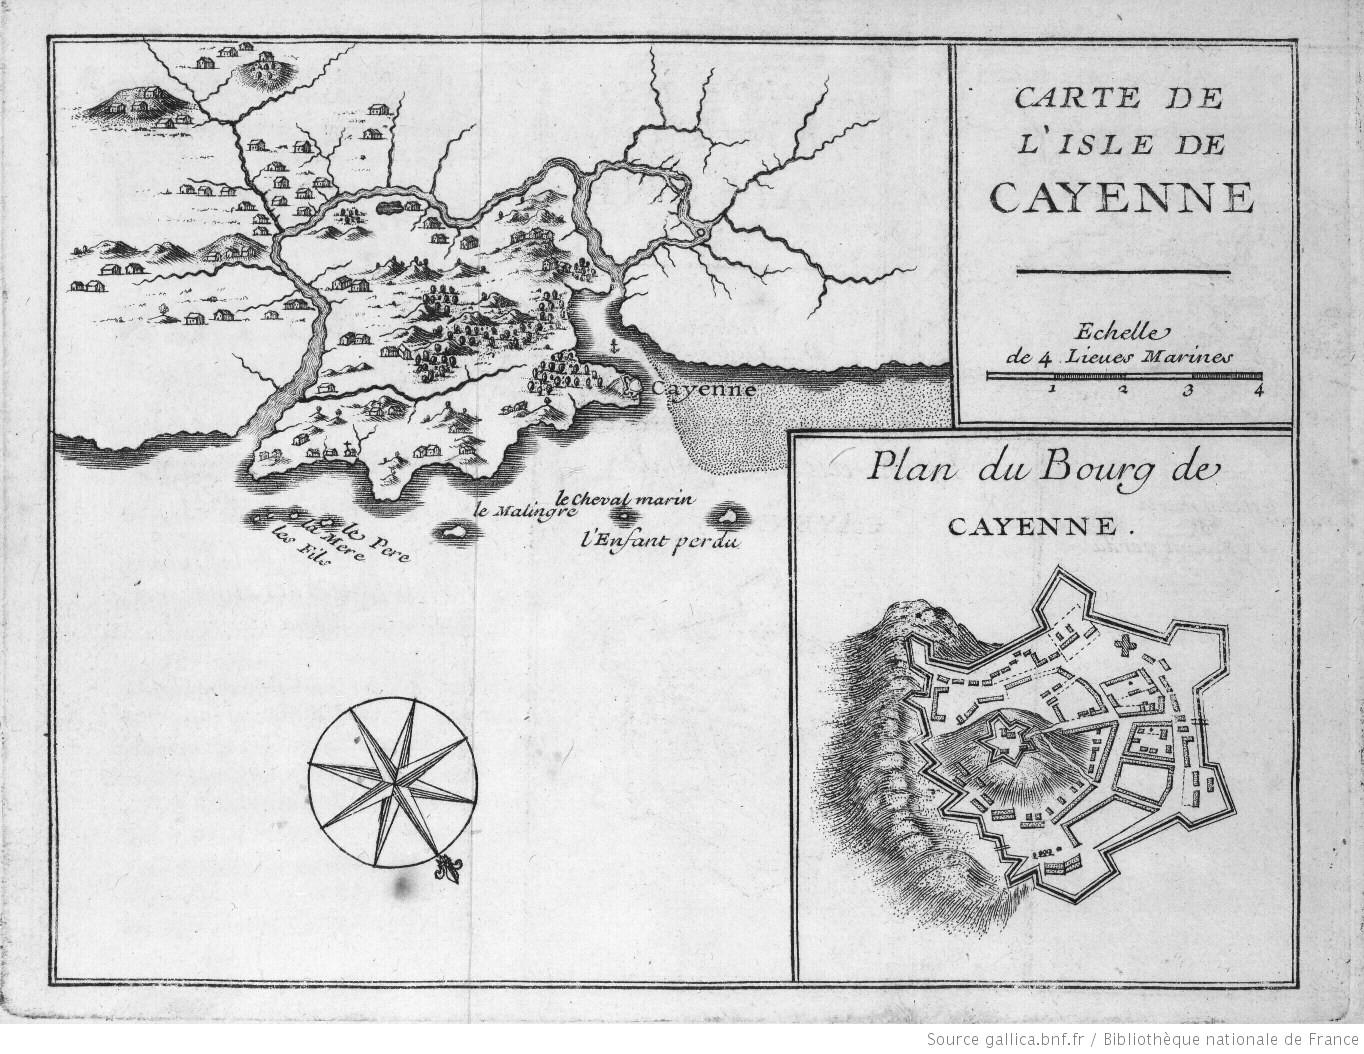 Cette carte de l'isle de Cayenne issue du même ouvrage est plus classique, une copie d'autres cartes antérieures ?